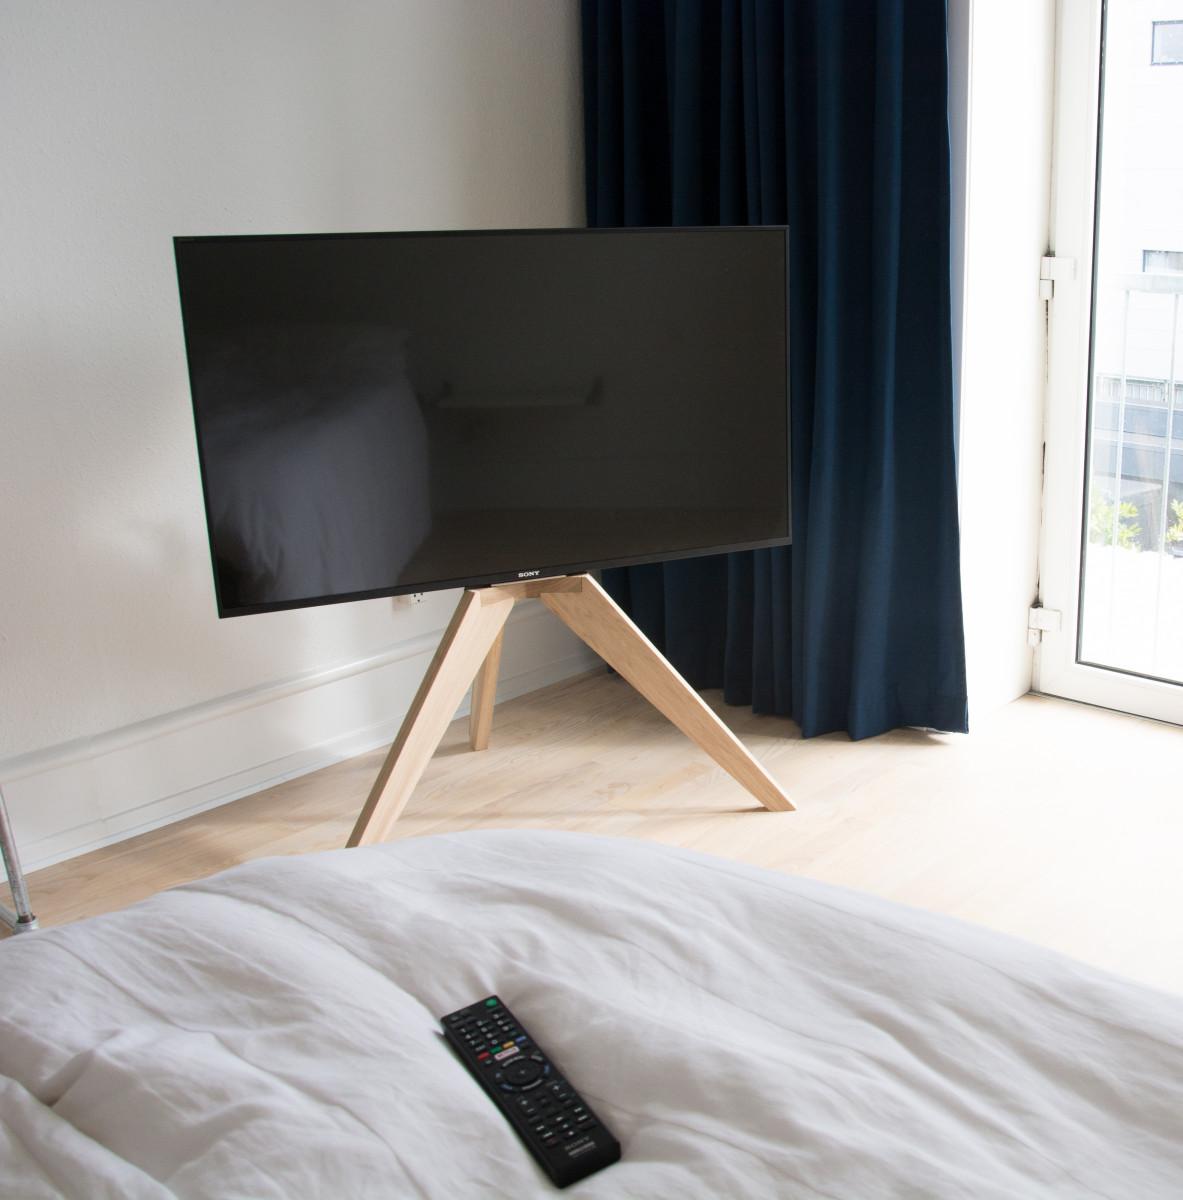 Svært Opstalt OP1 - en ny dansk møbelstander til TV'et - recordere.dk DS-09